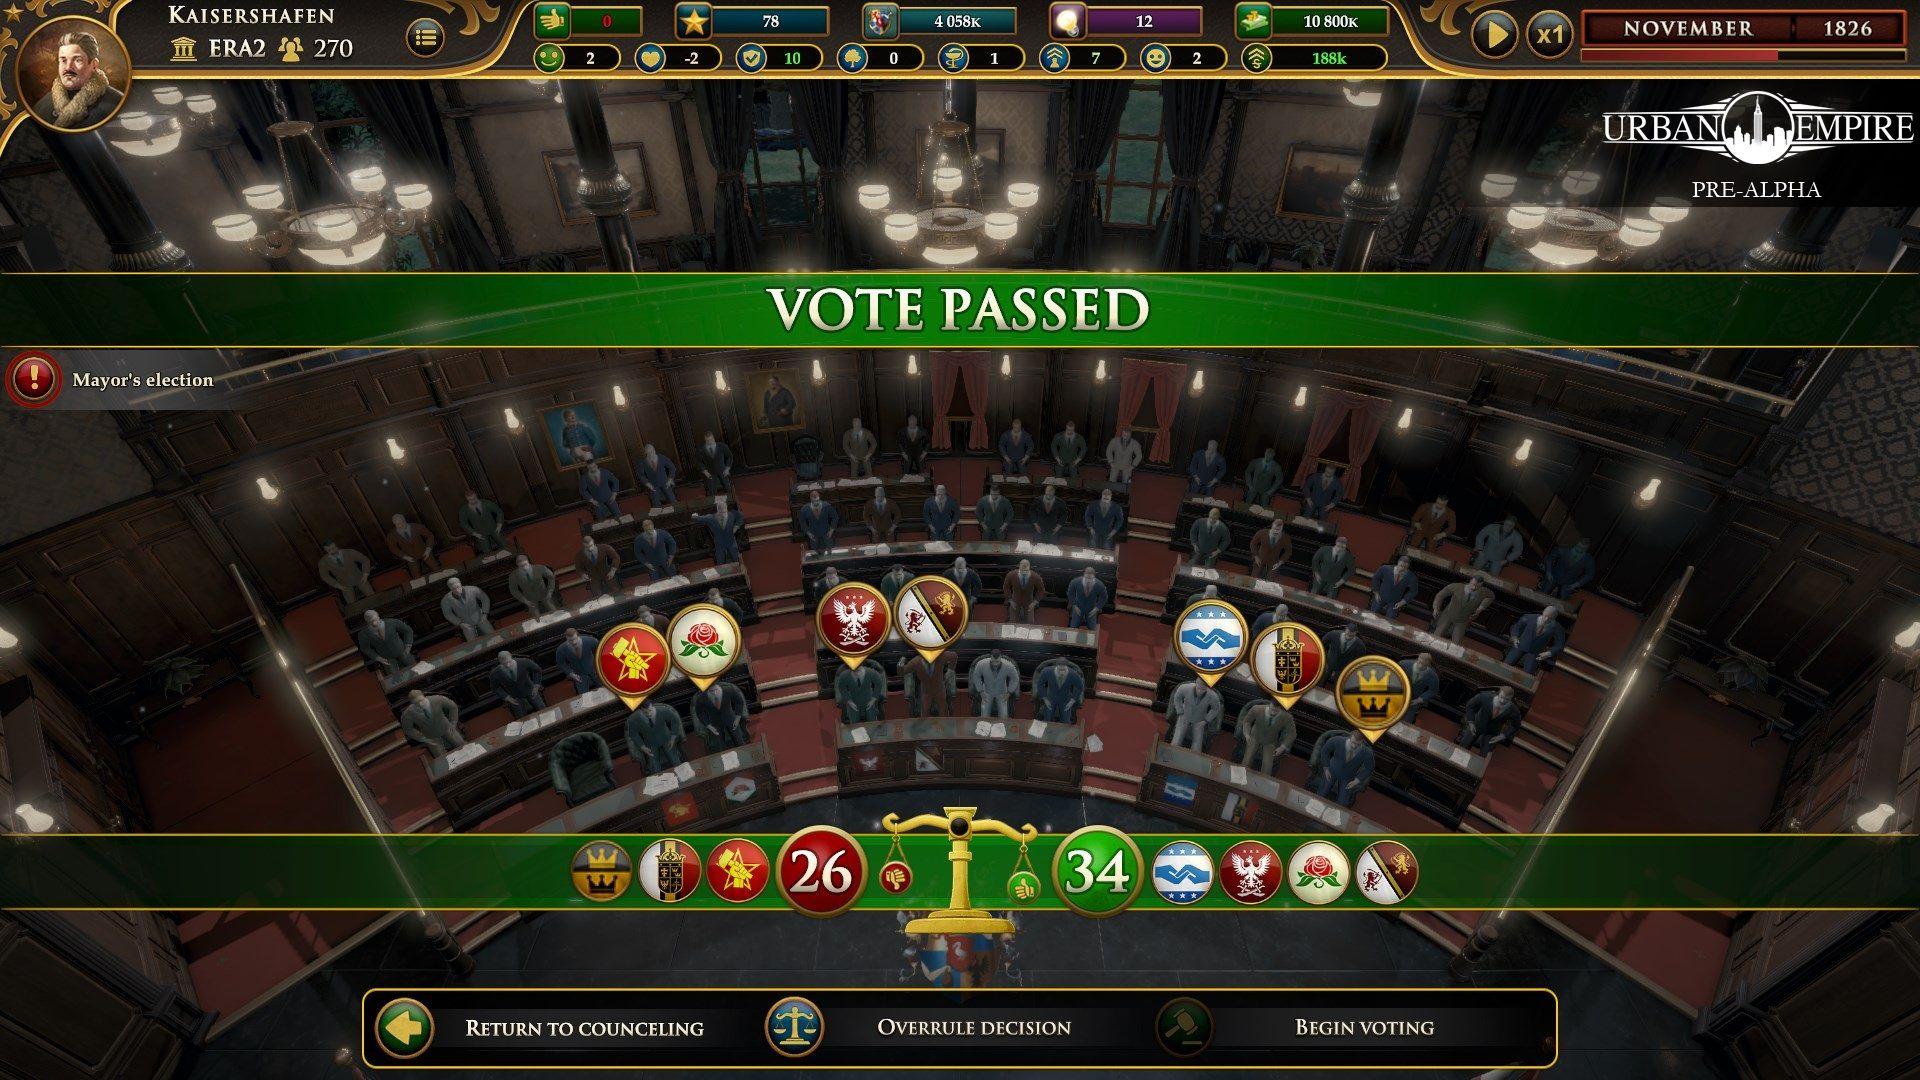 Wieder einmal präsentiert Kalypso Media ein interessantes Spiel: Urban Empire. Auf den ersten Eindruck wirkt es wie ein House of Cards-Spiel!  https://gamezine.de/urban-empire-angekuendigt-house-of-cards-als-pc-spiel.html